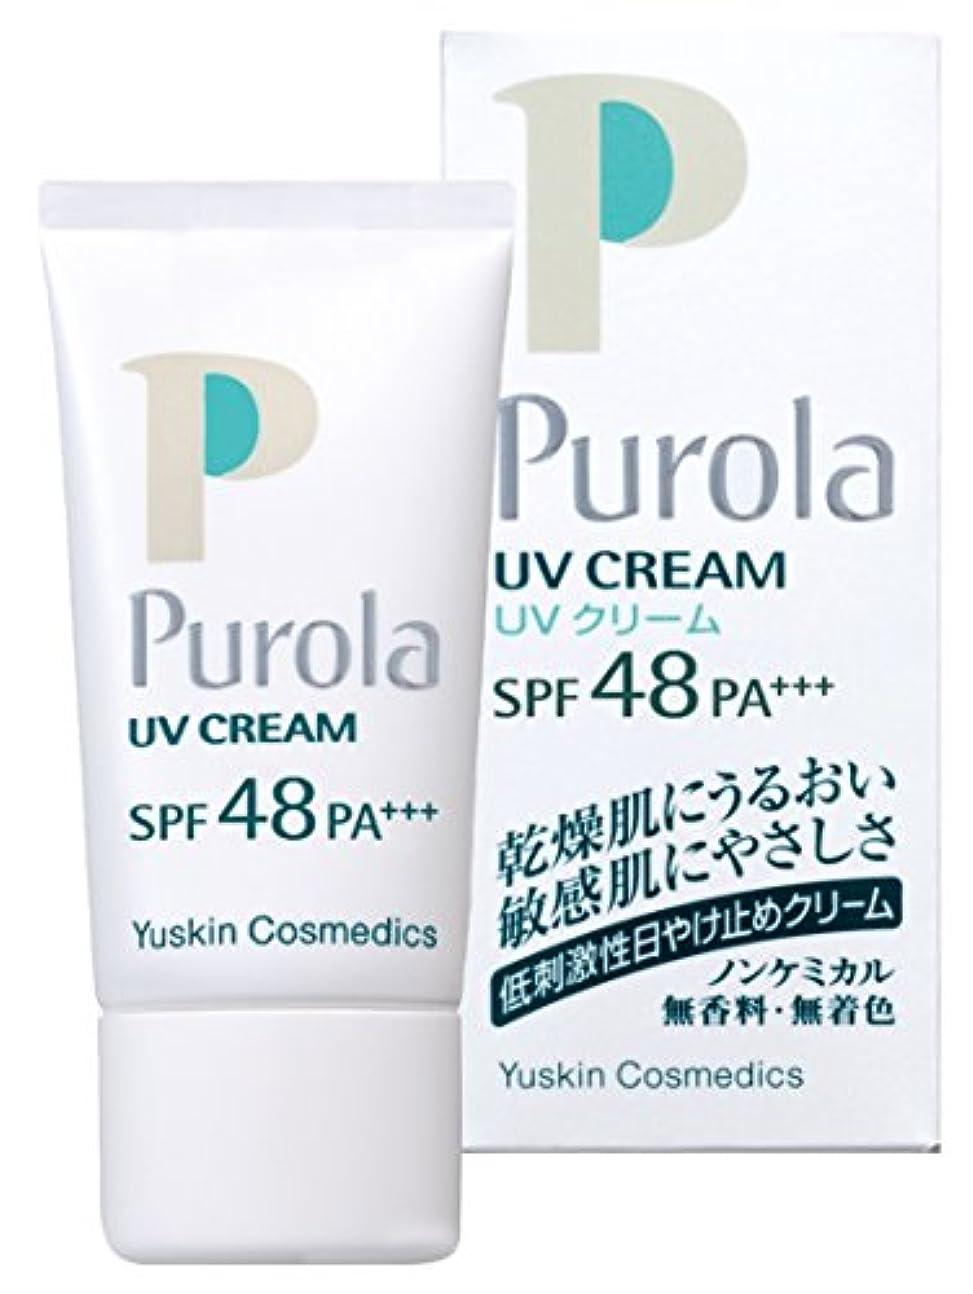 賭け浮く不利プローラ UVクリーム 30g SPF48 PA+++ (敏感肌用 日焼け止め)